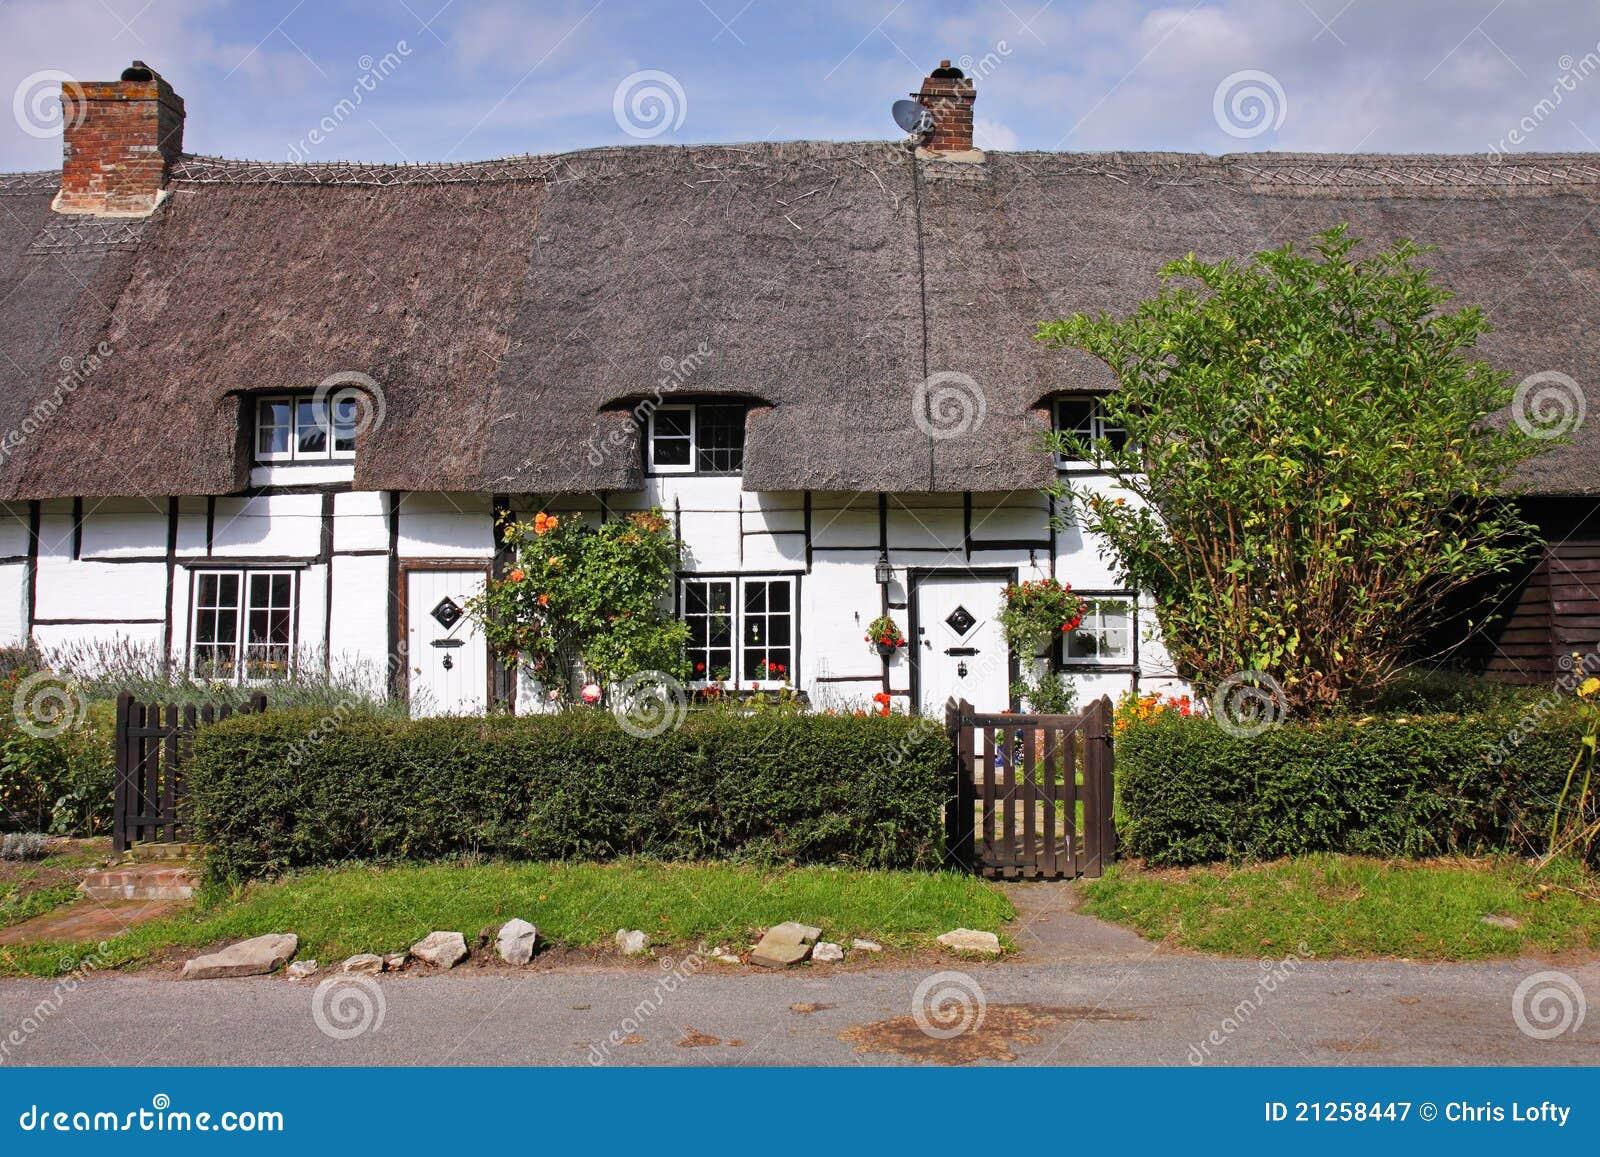 Riga dei cottage inglesi thatched del villaggio immagine for Planimetrie inglesi del cottage